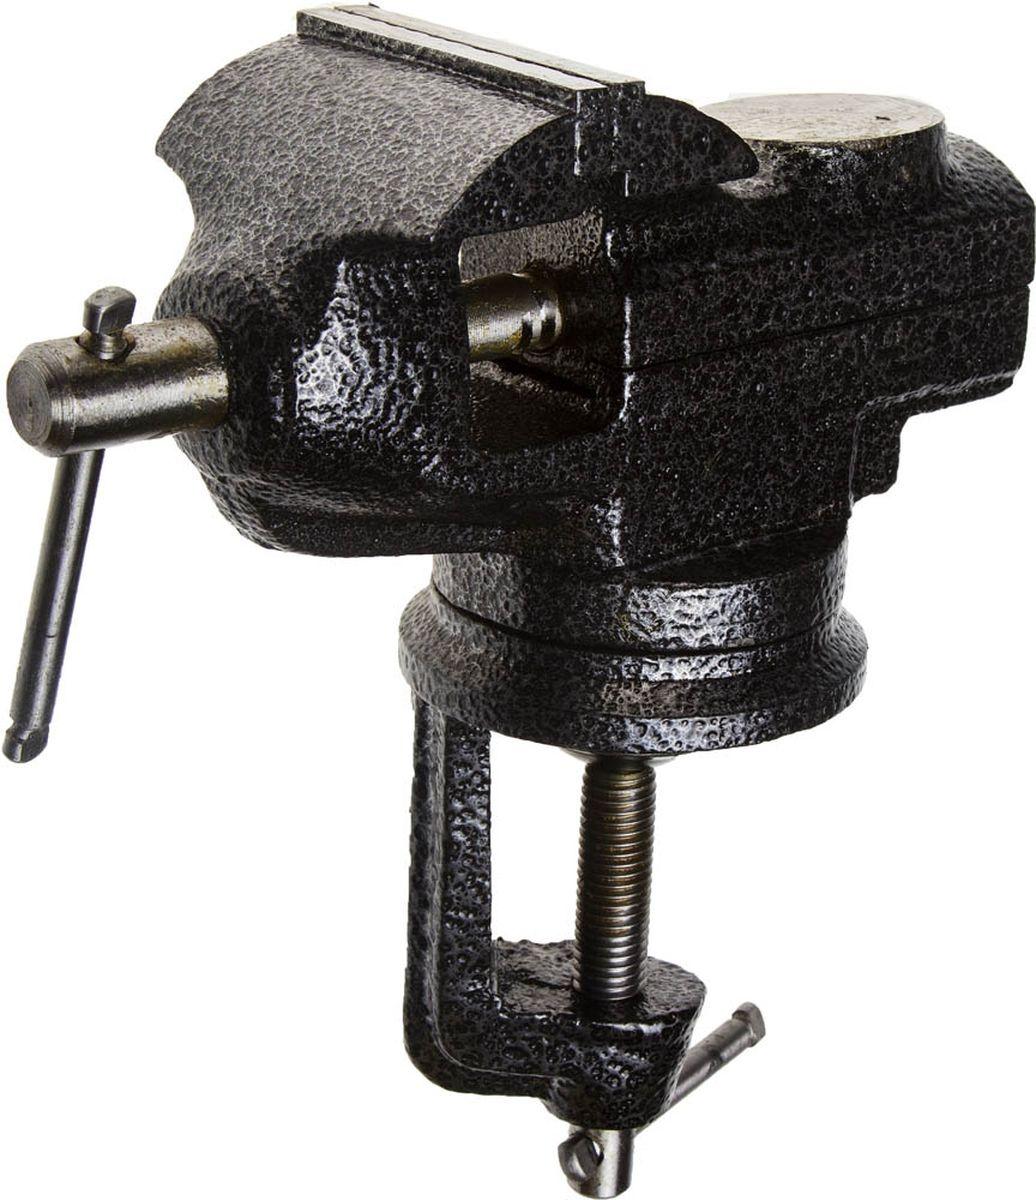 Тиски Stayer Profi, с поворотным механизмом, 60 мм98298130Тиски Stayer Profi предназначены для зажима деталей (изделий) в положении, обеспечивающем удобство при их обработке (сборке). Губки рельефные. Тиски оснащены встроенной струбциной для крепления к верстаку и наковальней для небольших слесарных работ. Корпус изделия окрашенный.Ширина губок: 6 см.